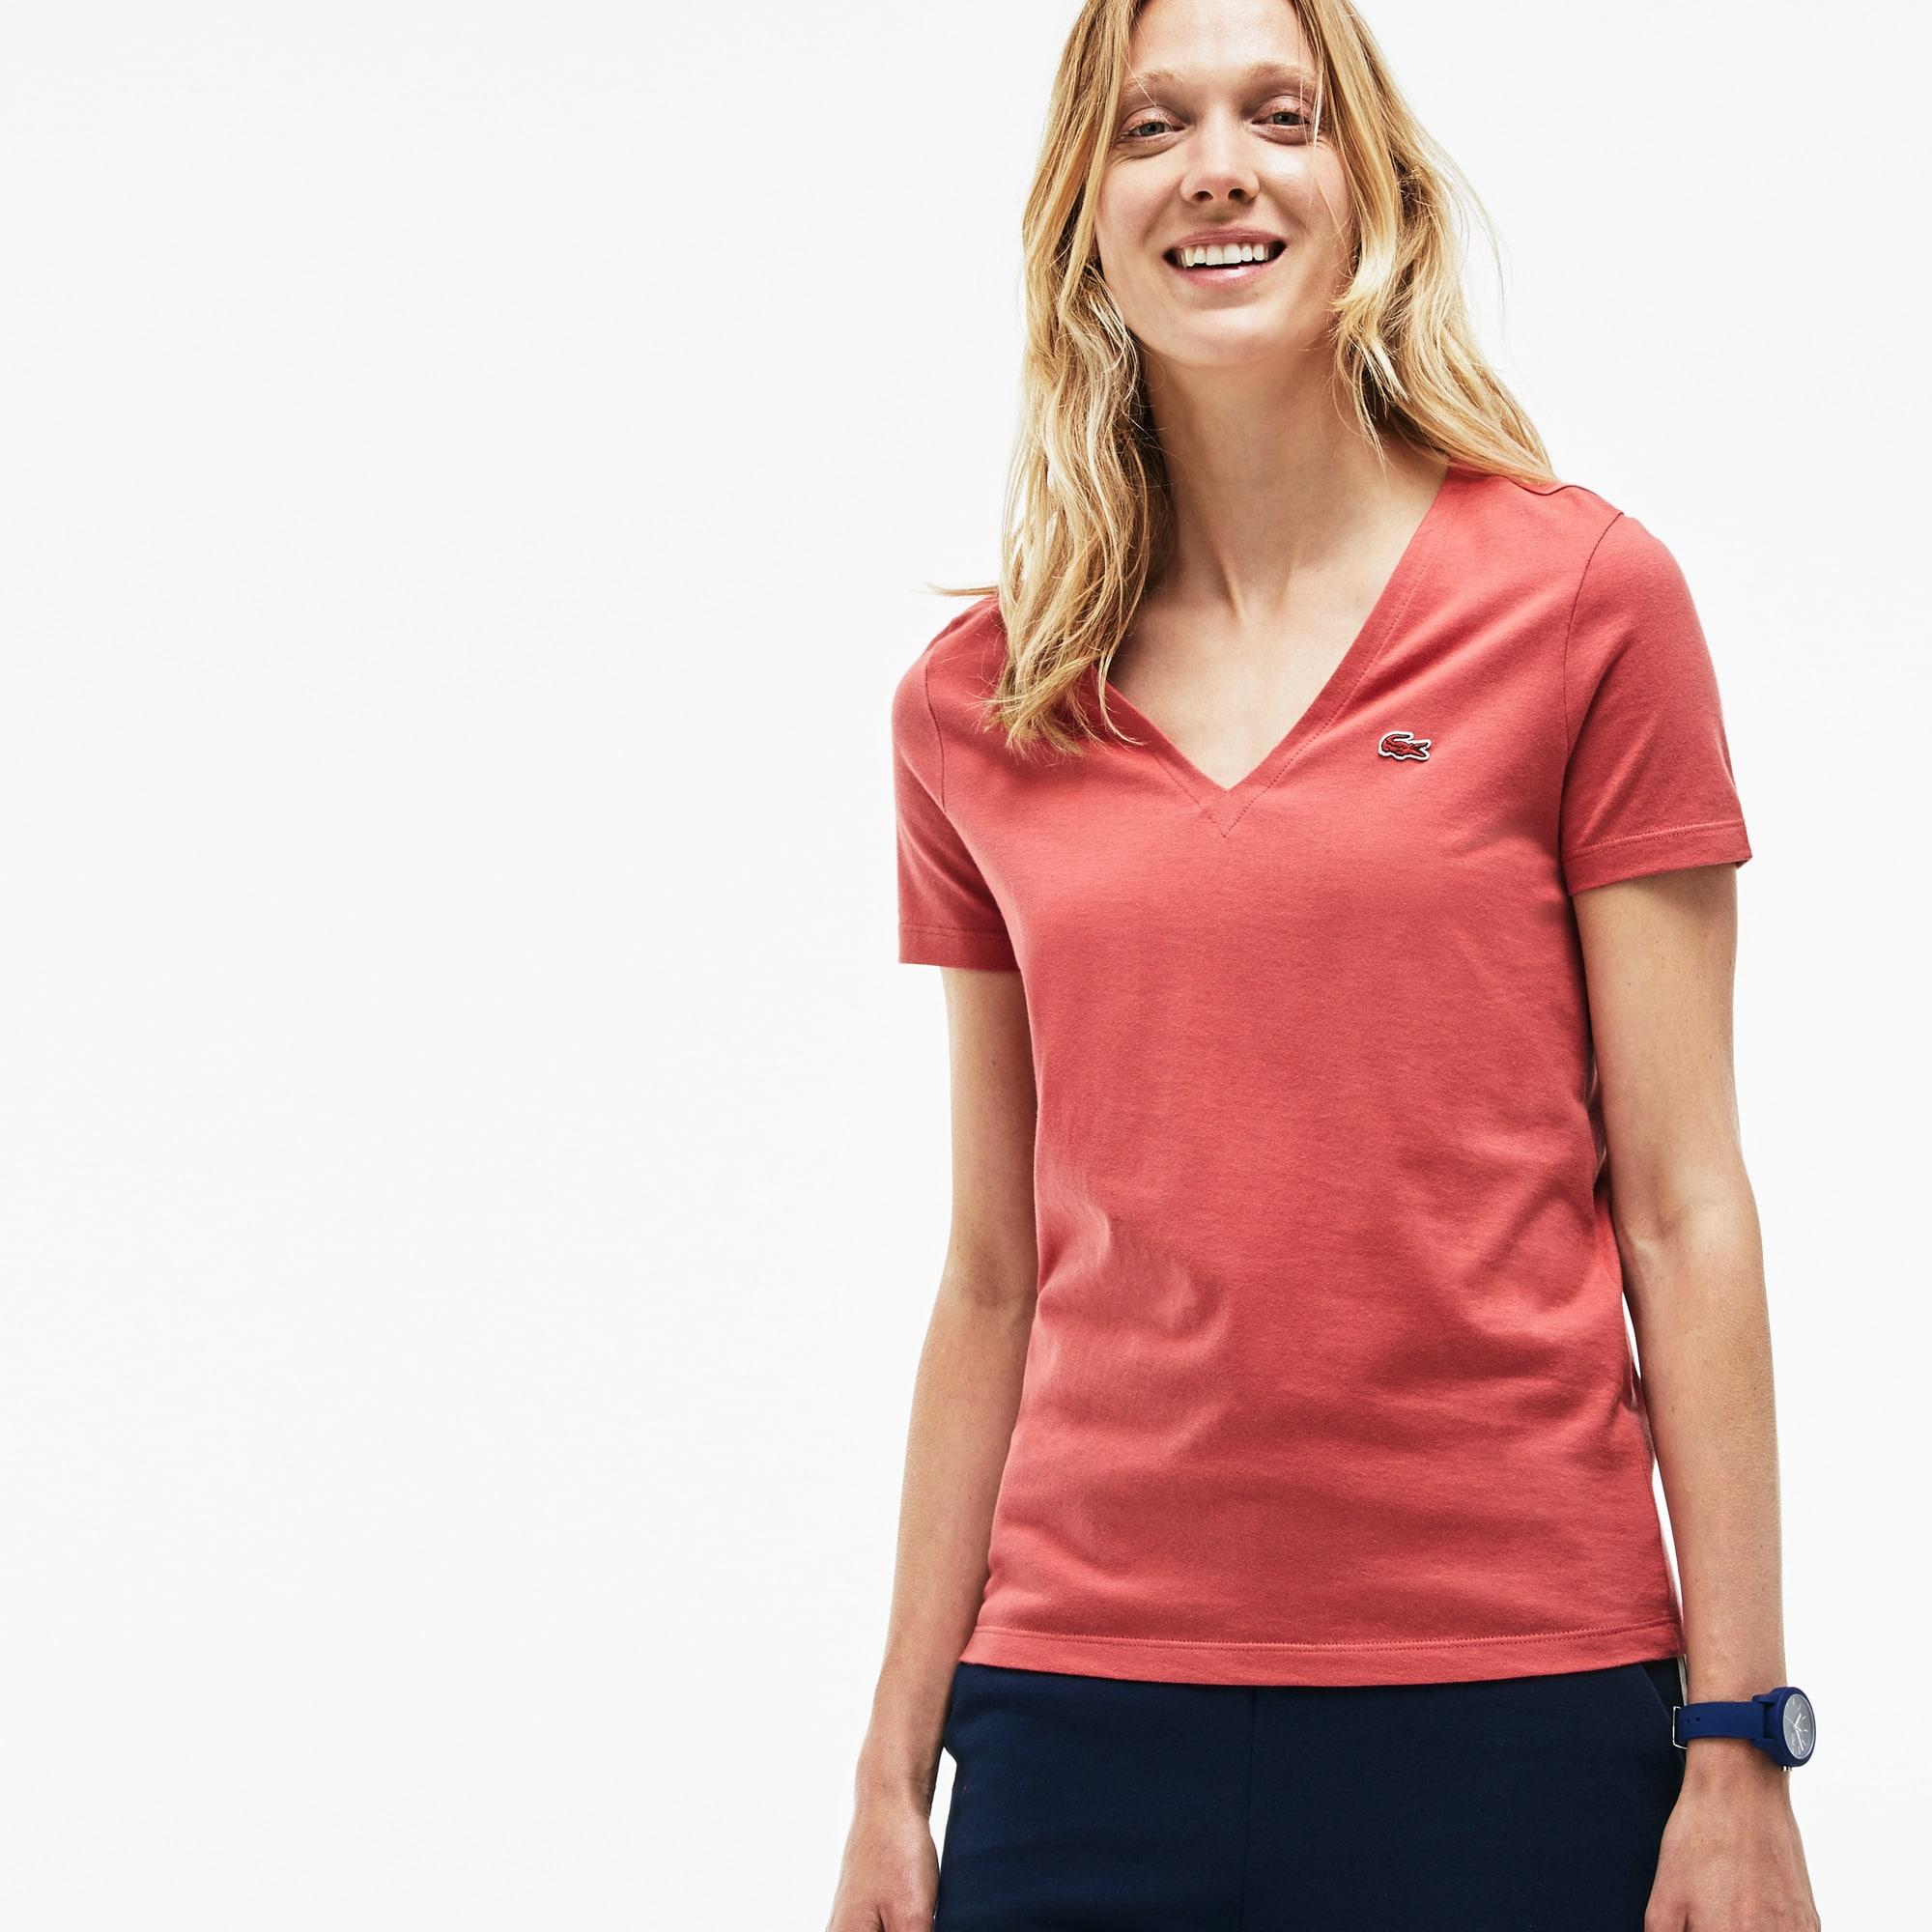 T-shirt de decote em V slim fit em jersey de algodão unicolor ... 614f3d86cb